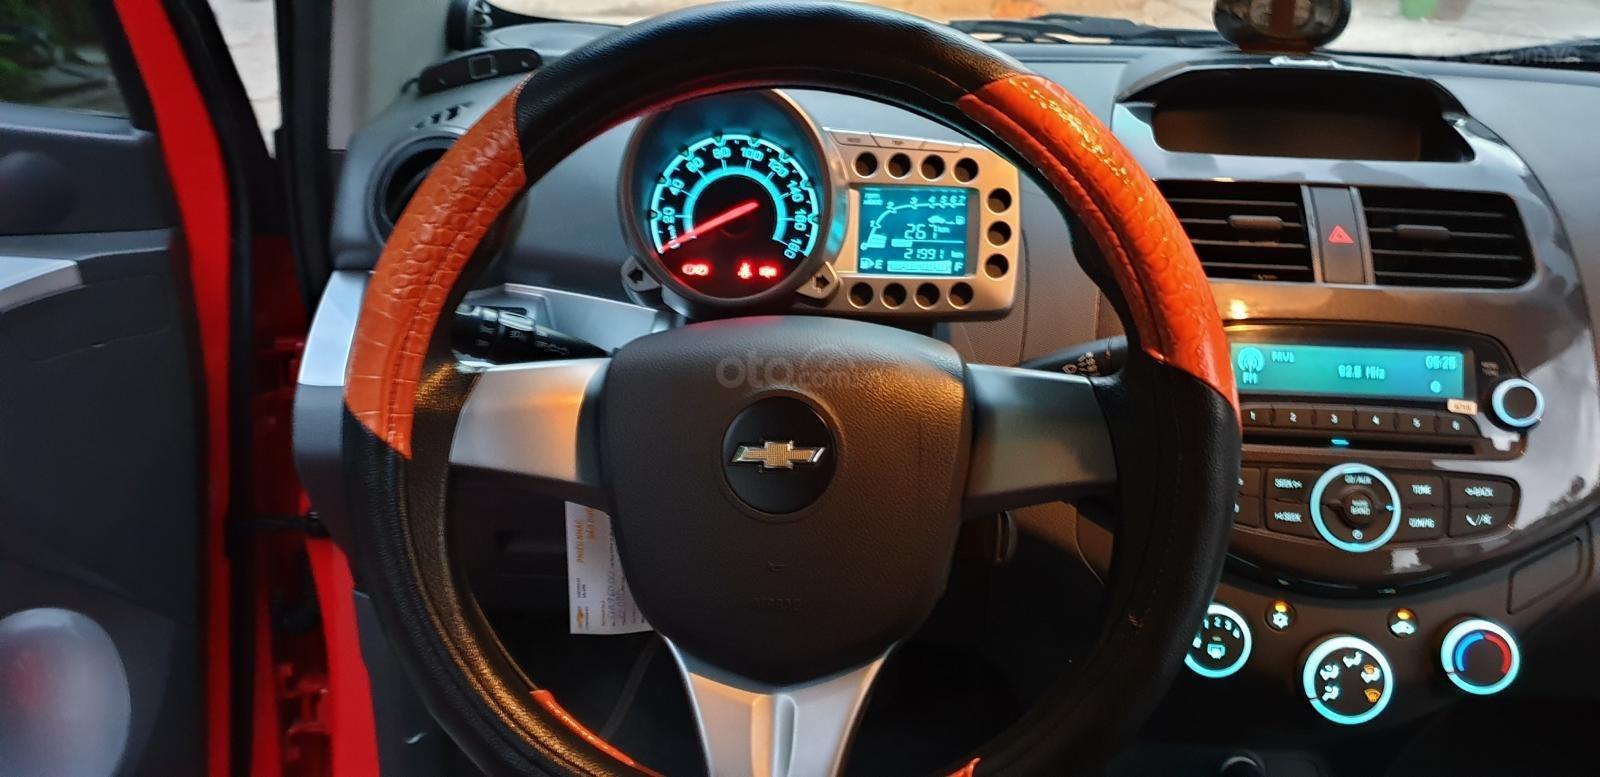 Bán Chevrolet Spark LTZ , số tự động đời T2/2014 sx 2013 màu đỏ đẹp mới 90% (12)